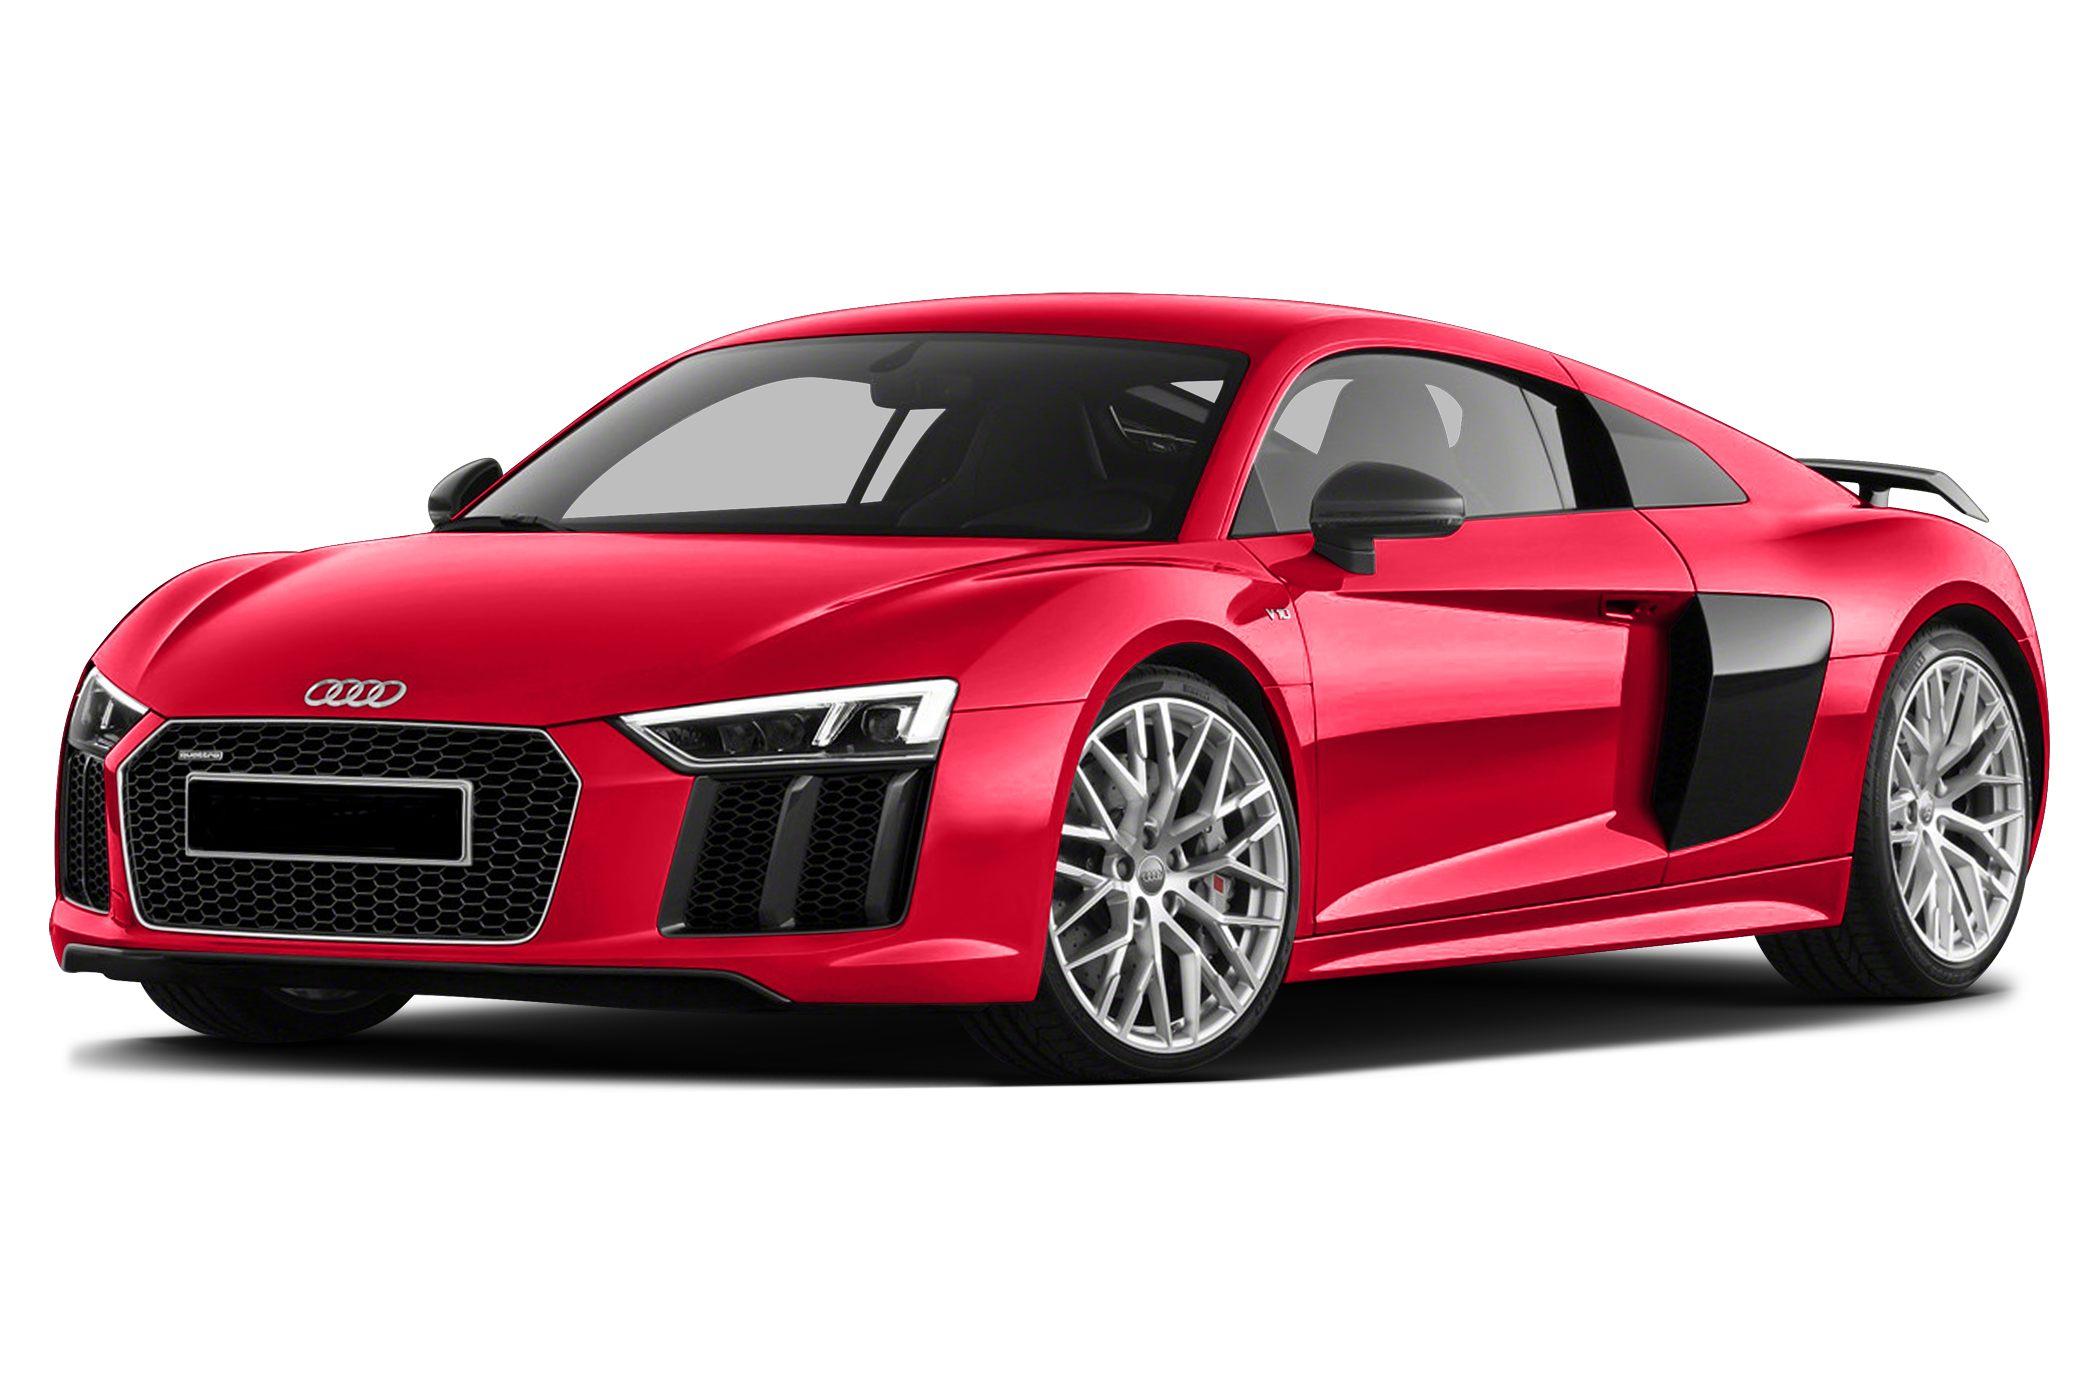 Audi R8 Owner's Manual PDF